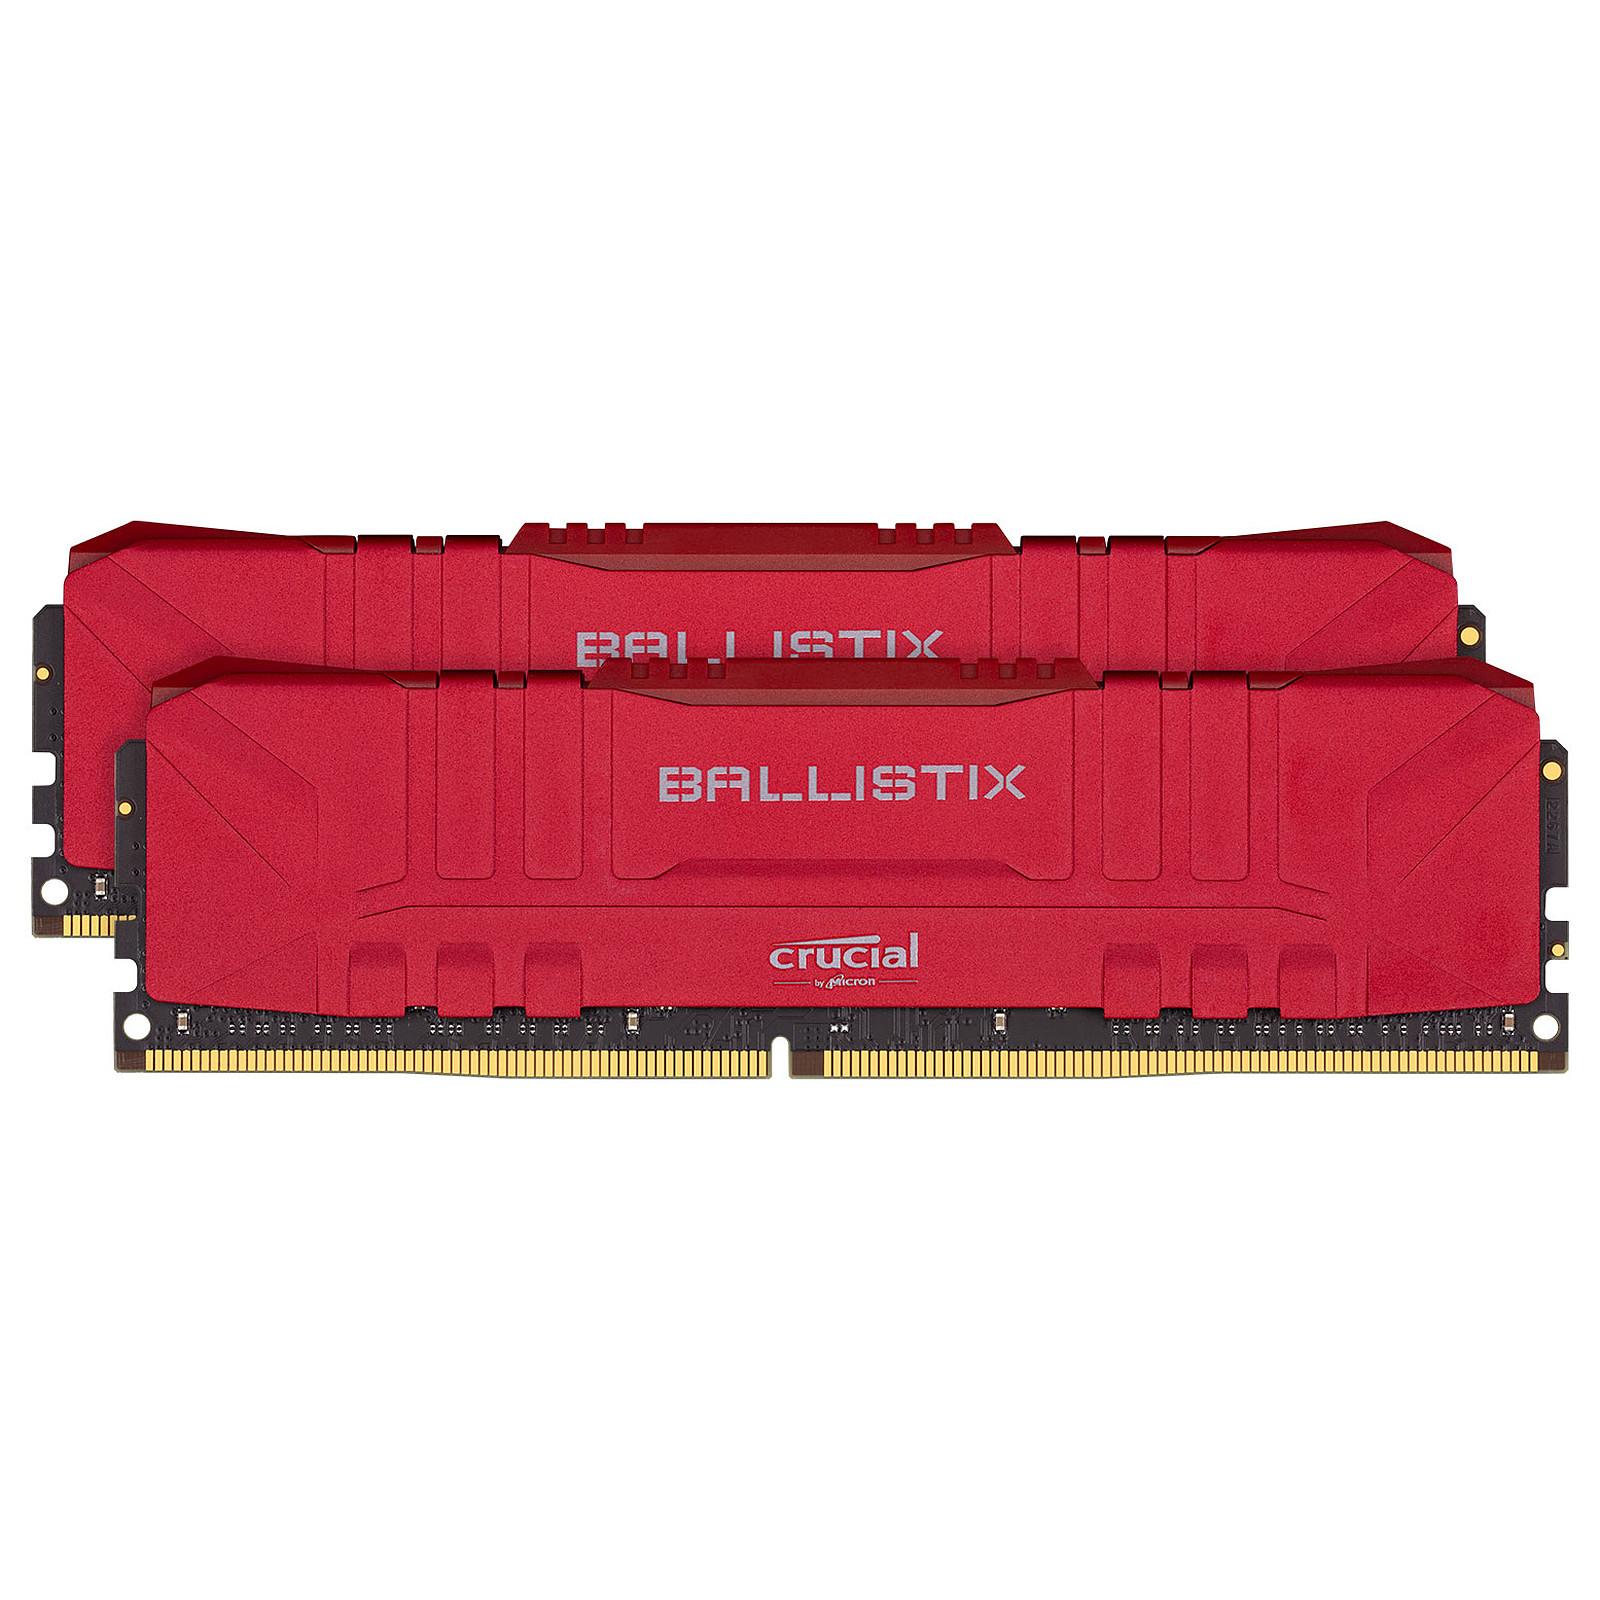 Ballistix Red 16 Go (2 x 8 Go) DDR4 2666 MHz CL16